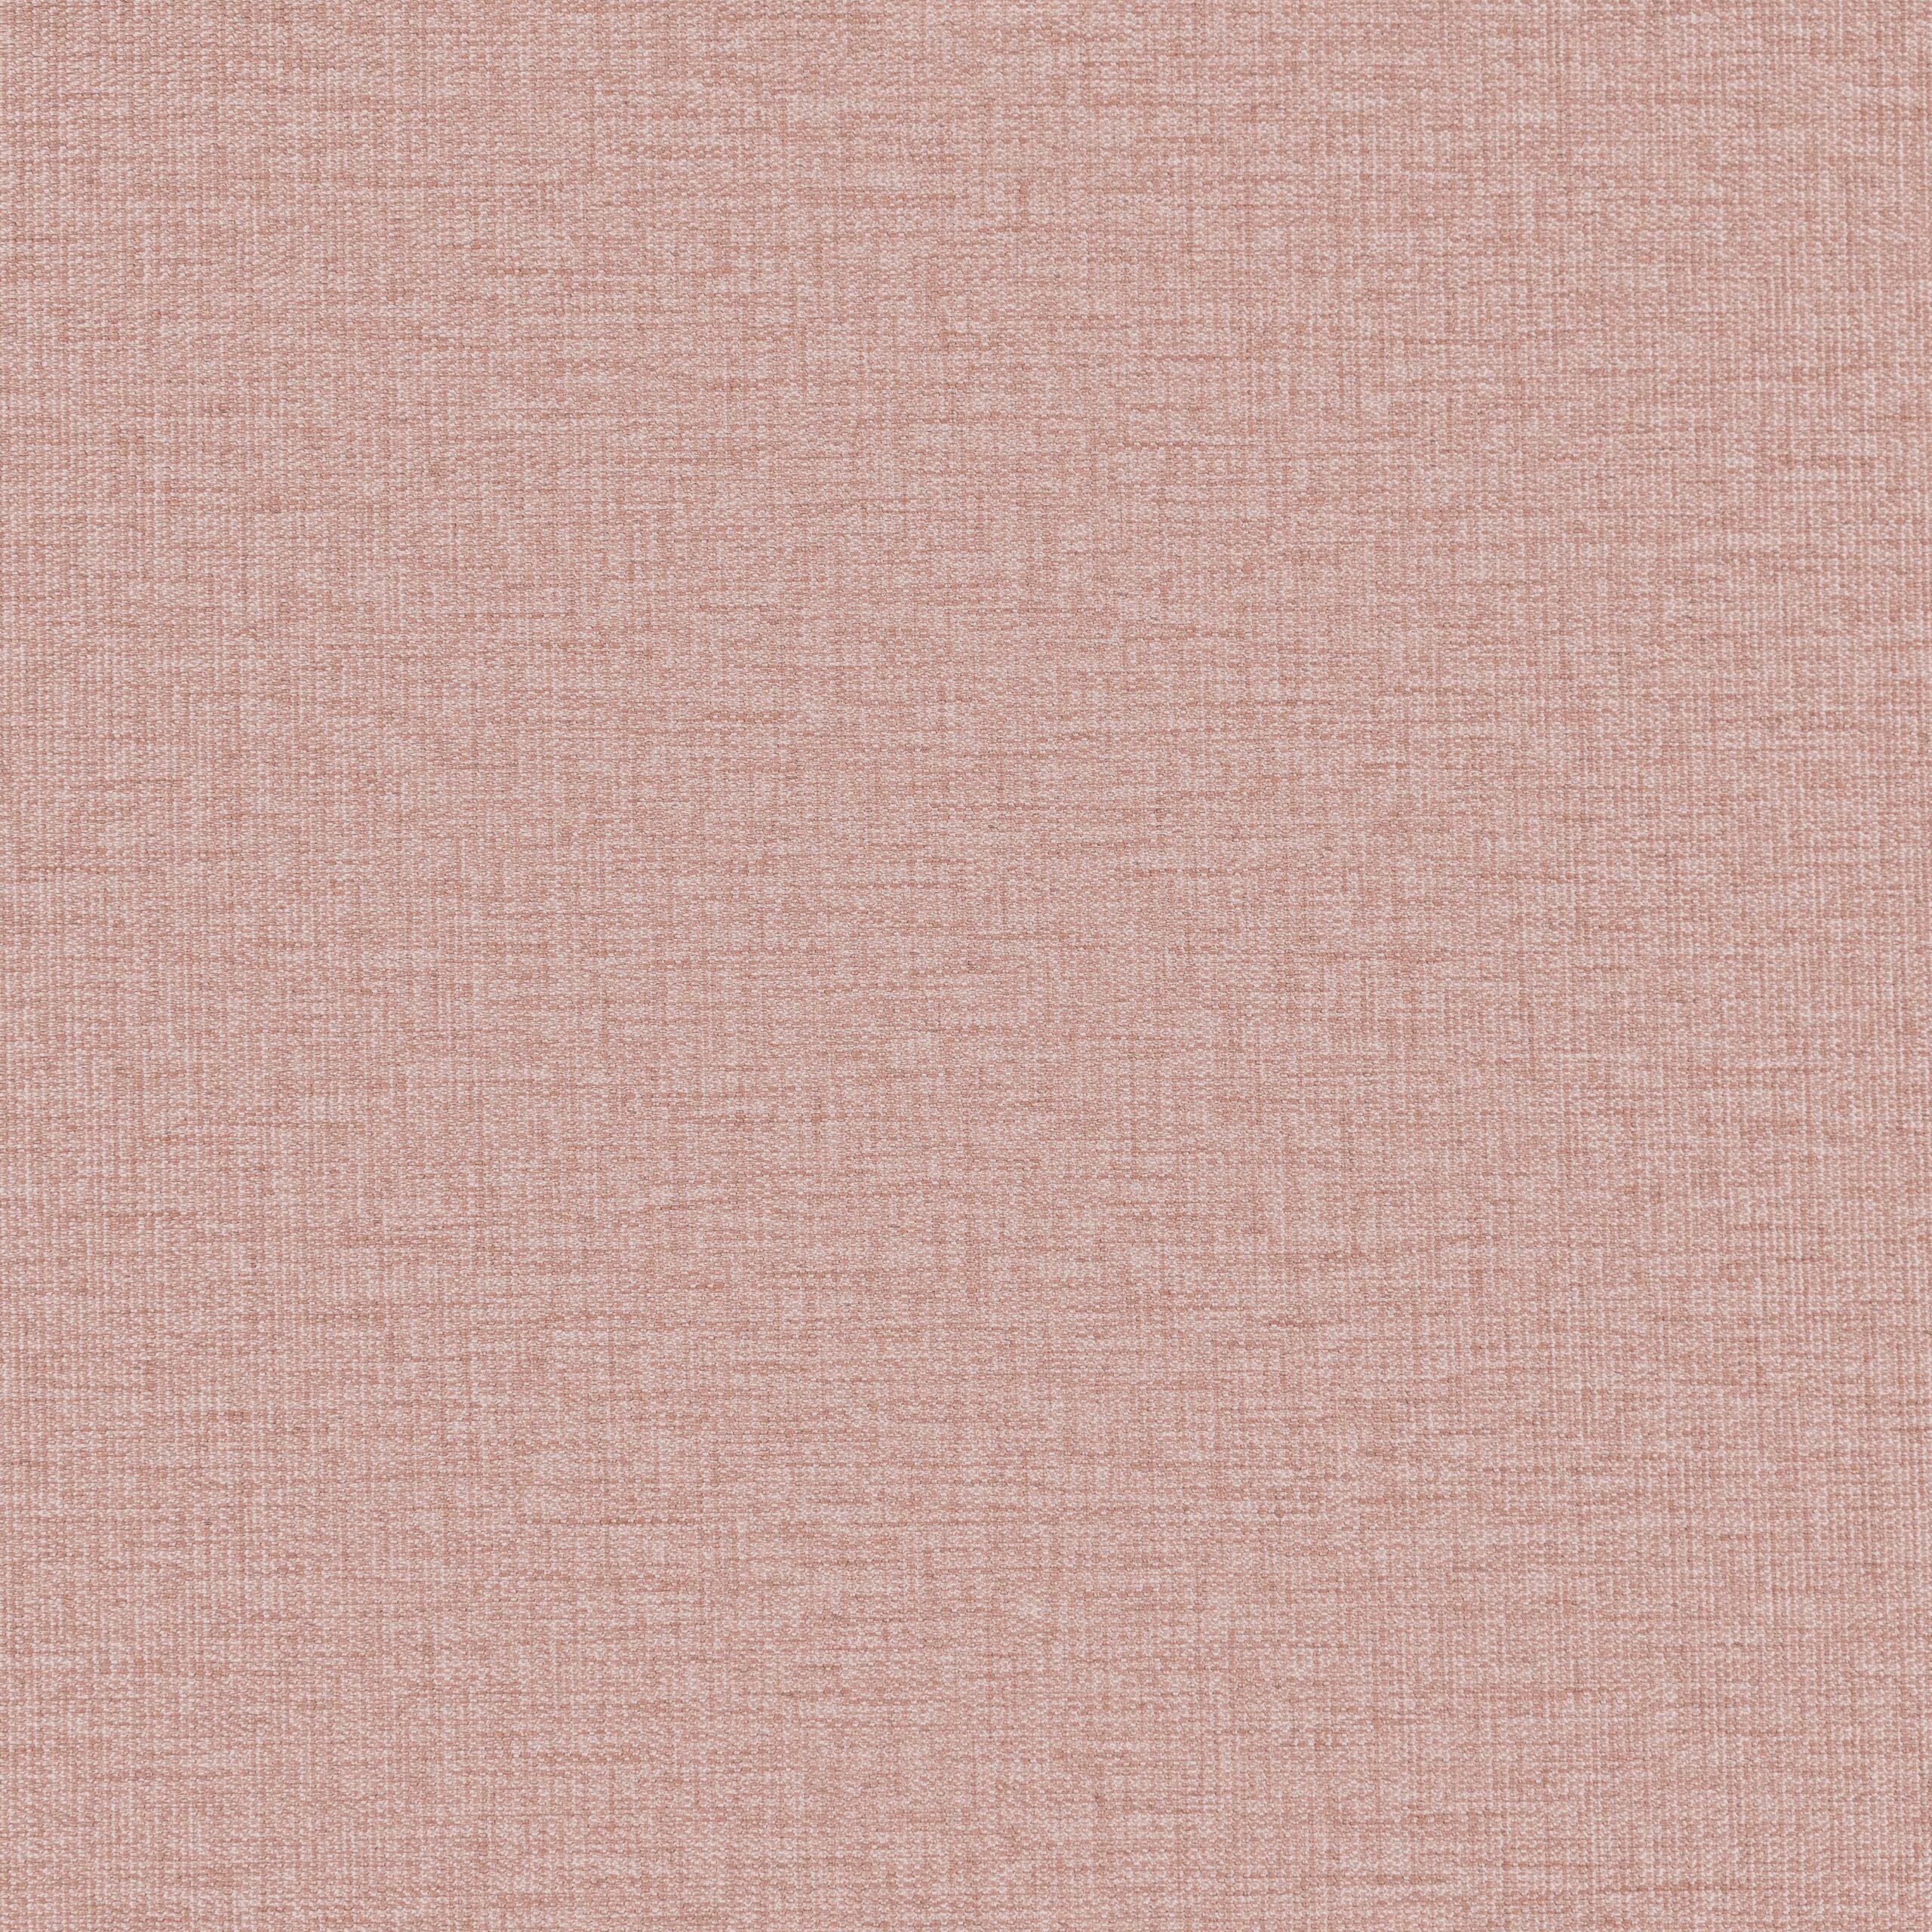 Lido Trend 148 Ochid